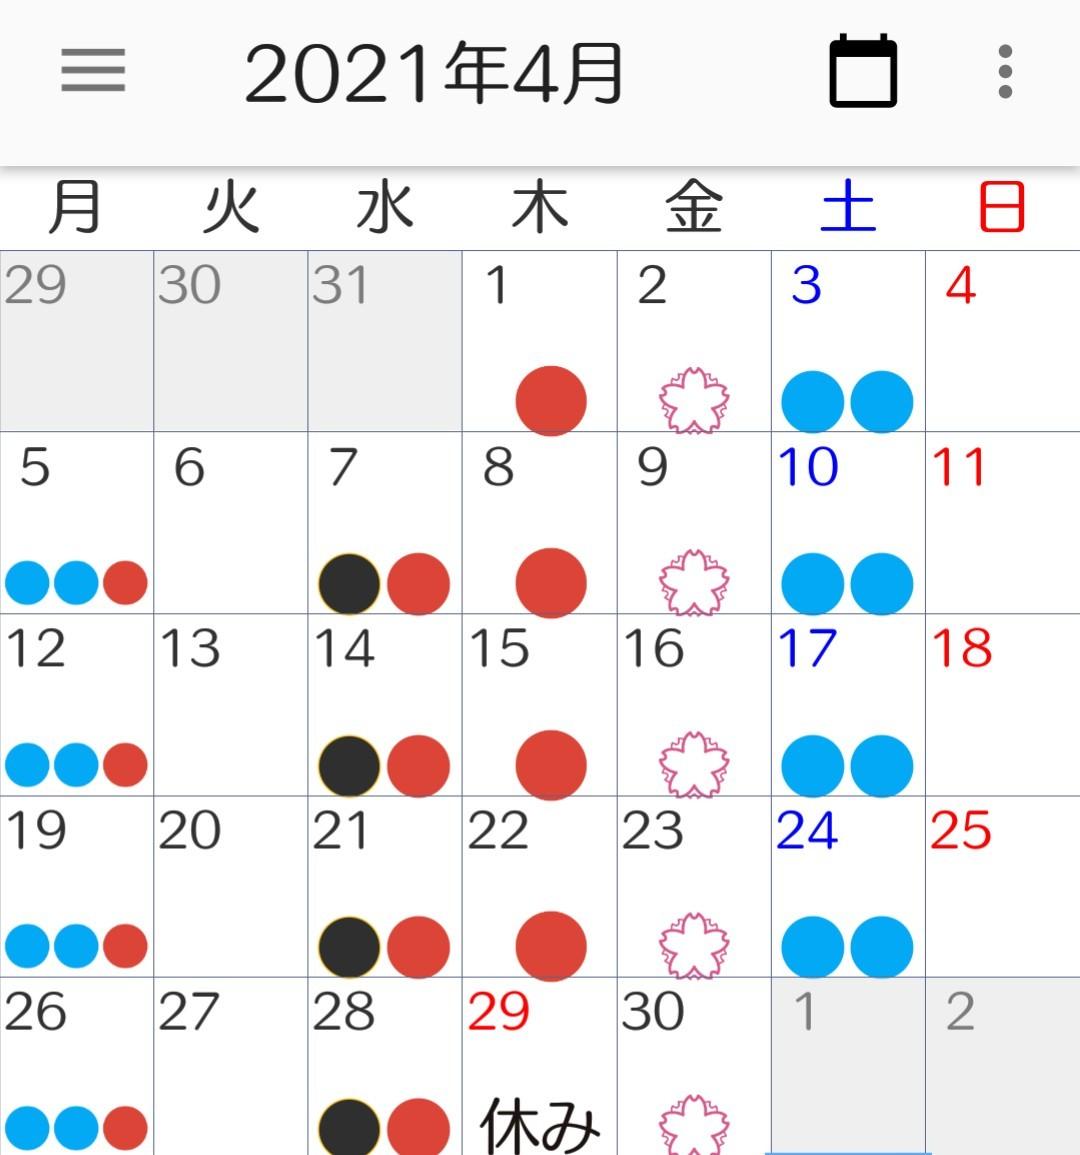 2021年4月の予定・カレンダー_c0366378_16194764.jpg